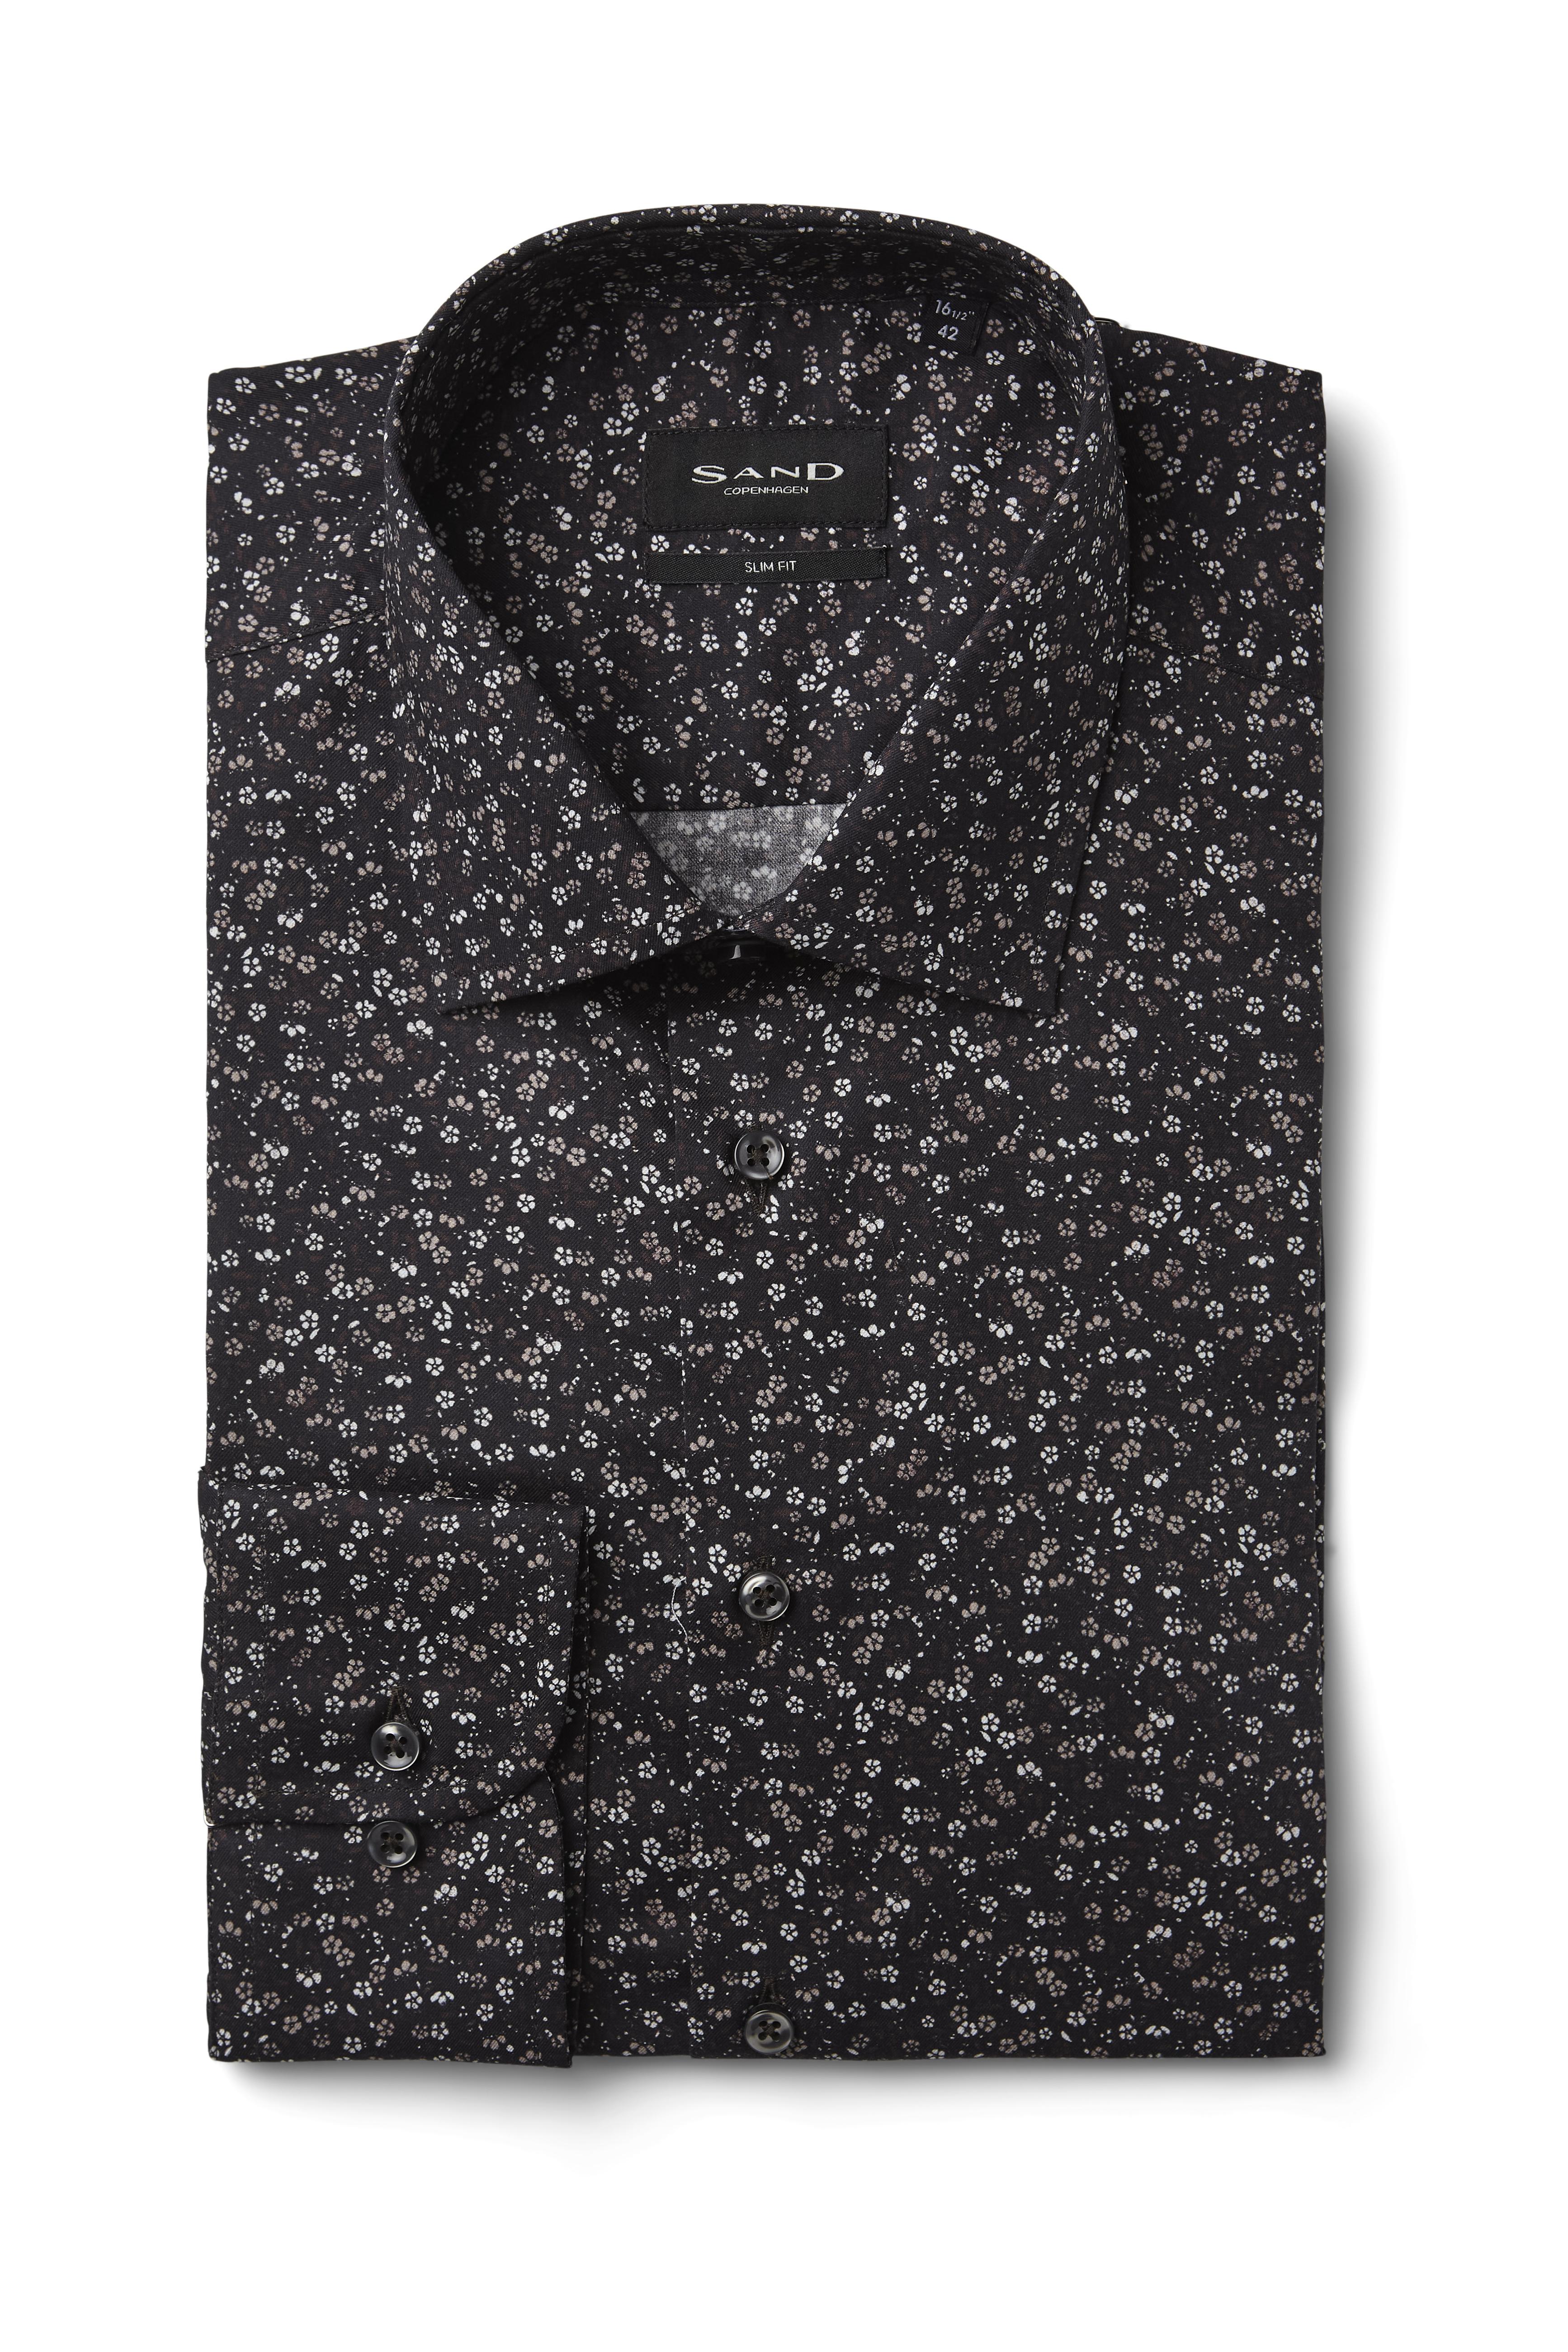 SAND 8853 Iver 2 skjorte